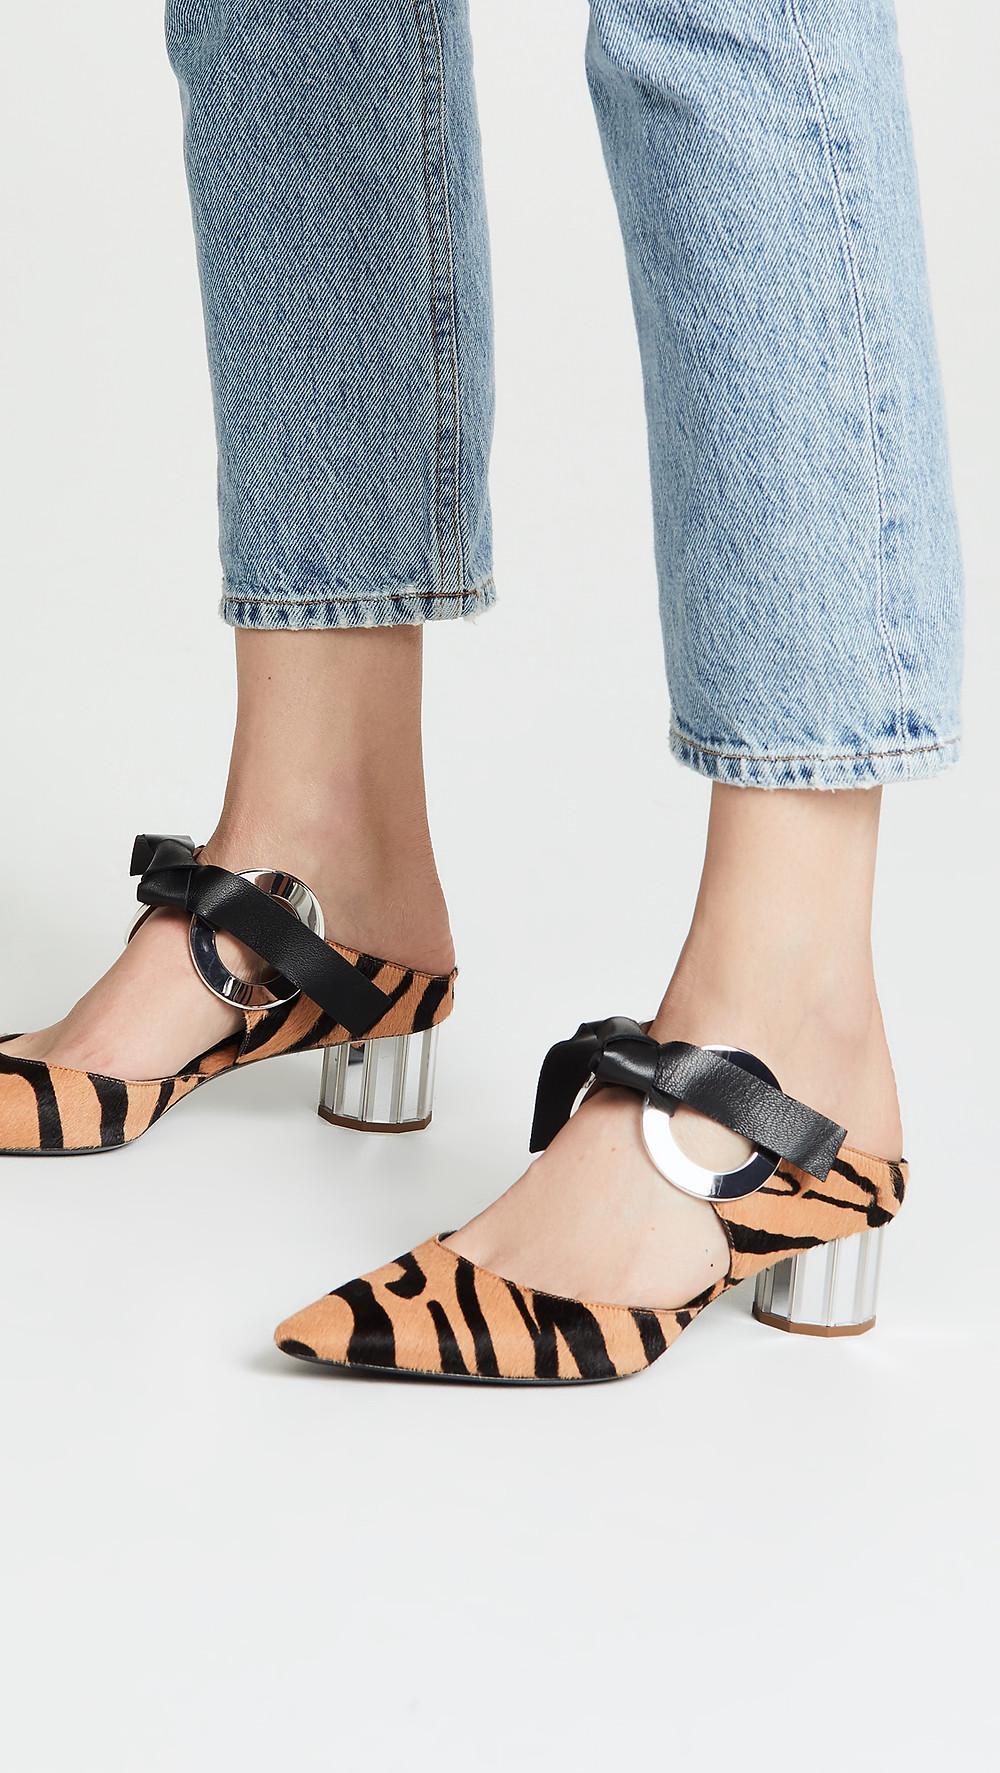 Proenza Schouler Zebra Print Grommet Block Heel Pumps $1,140